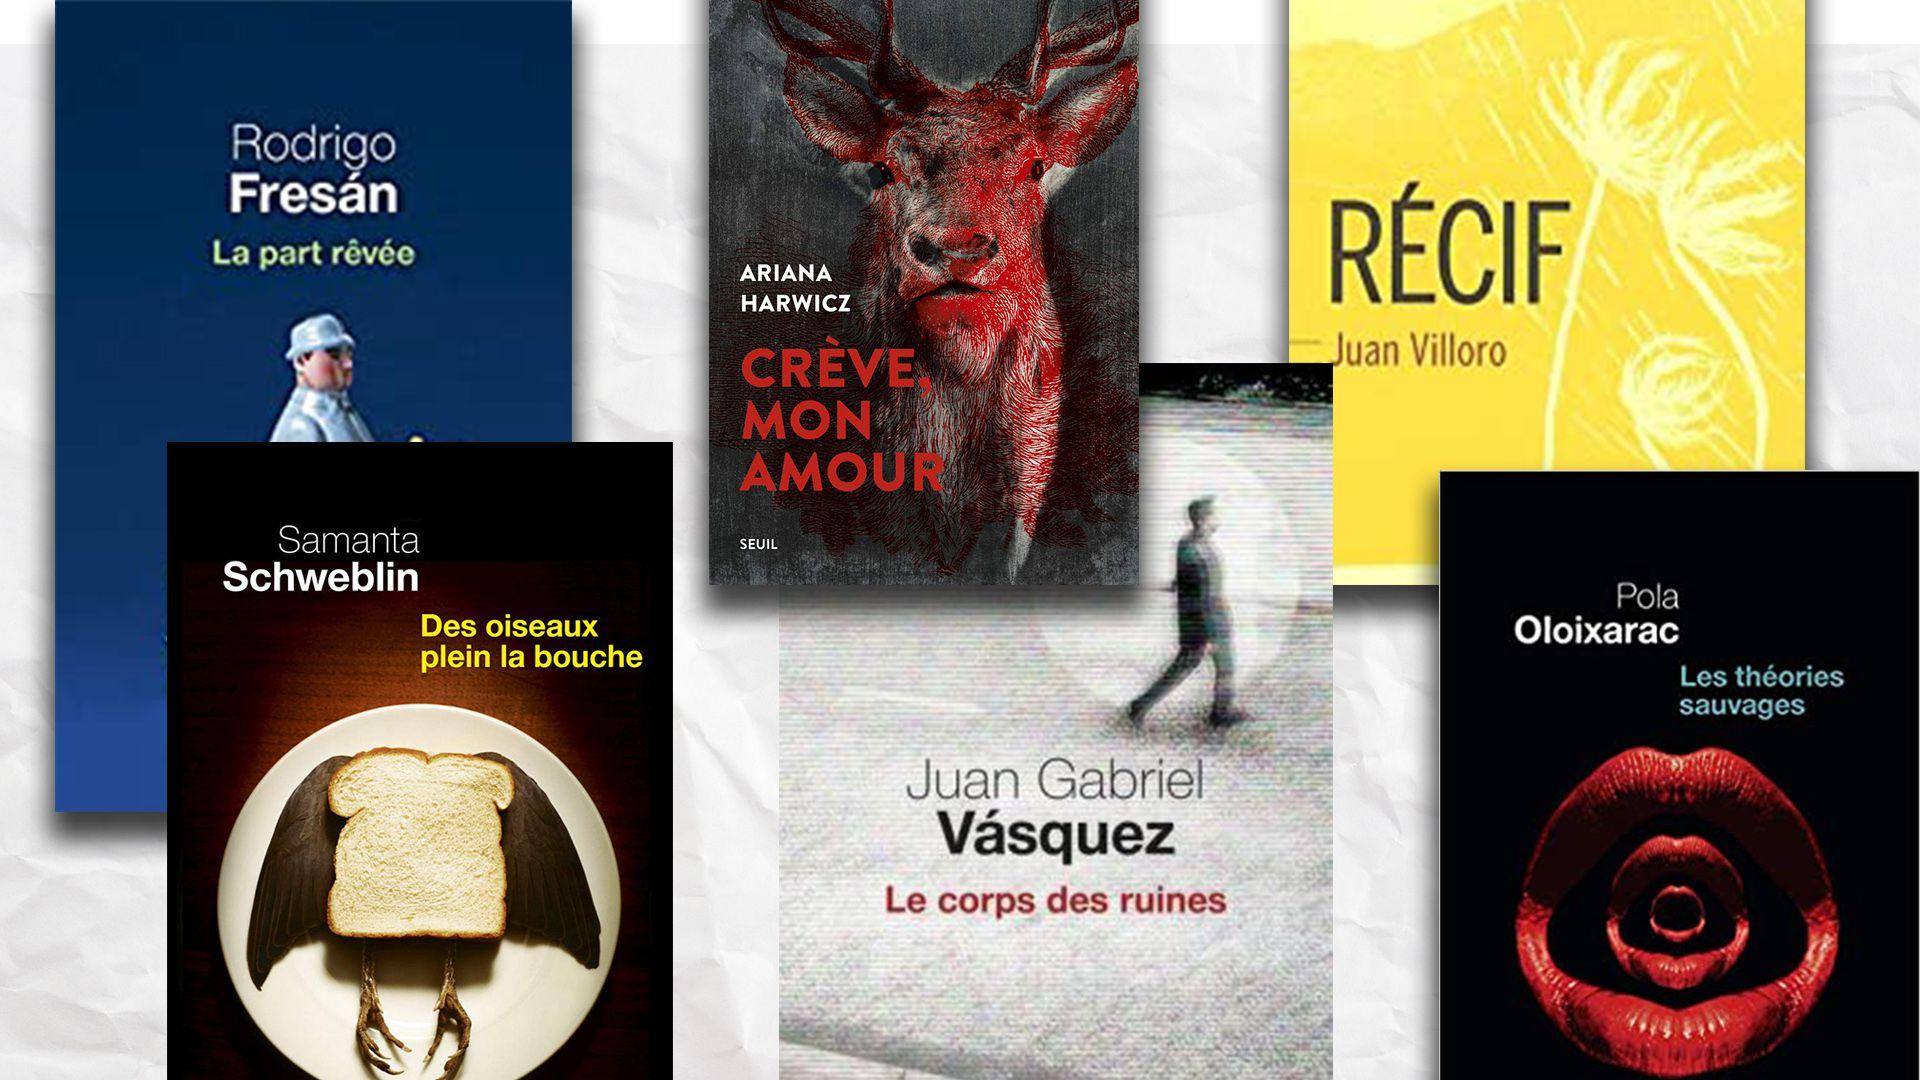 Portadas de libros traducidos por Isabelle Gugnon